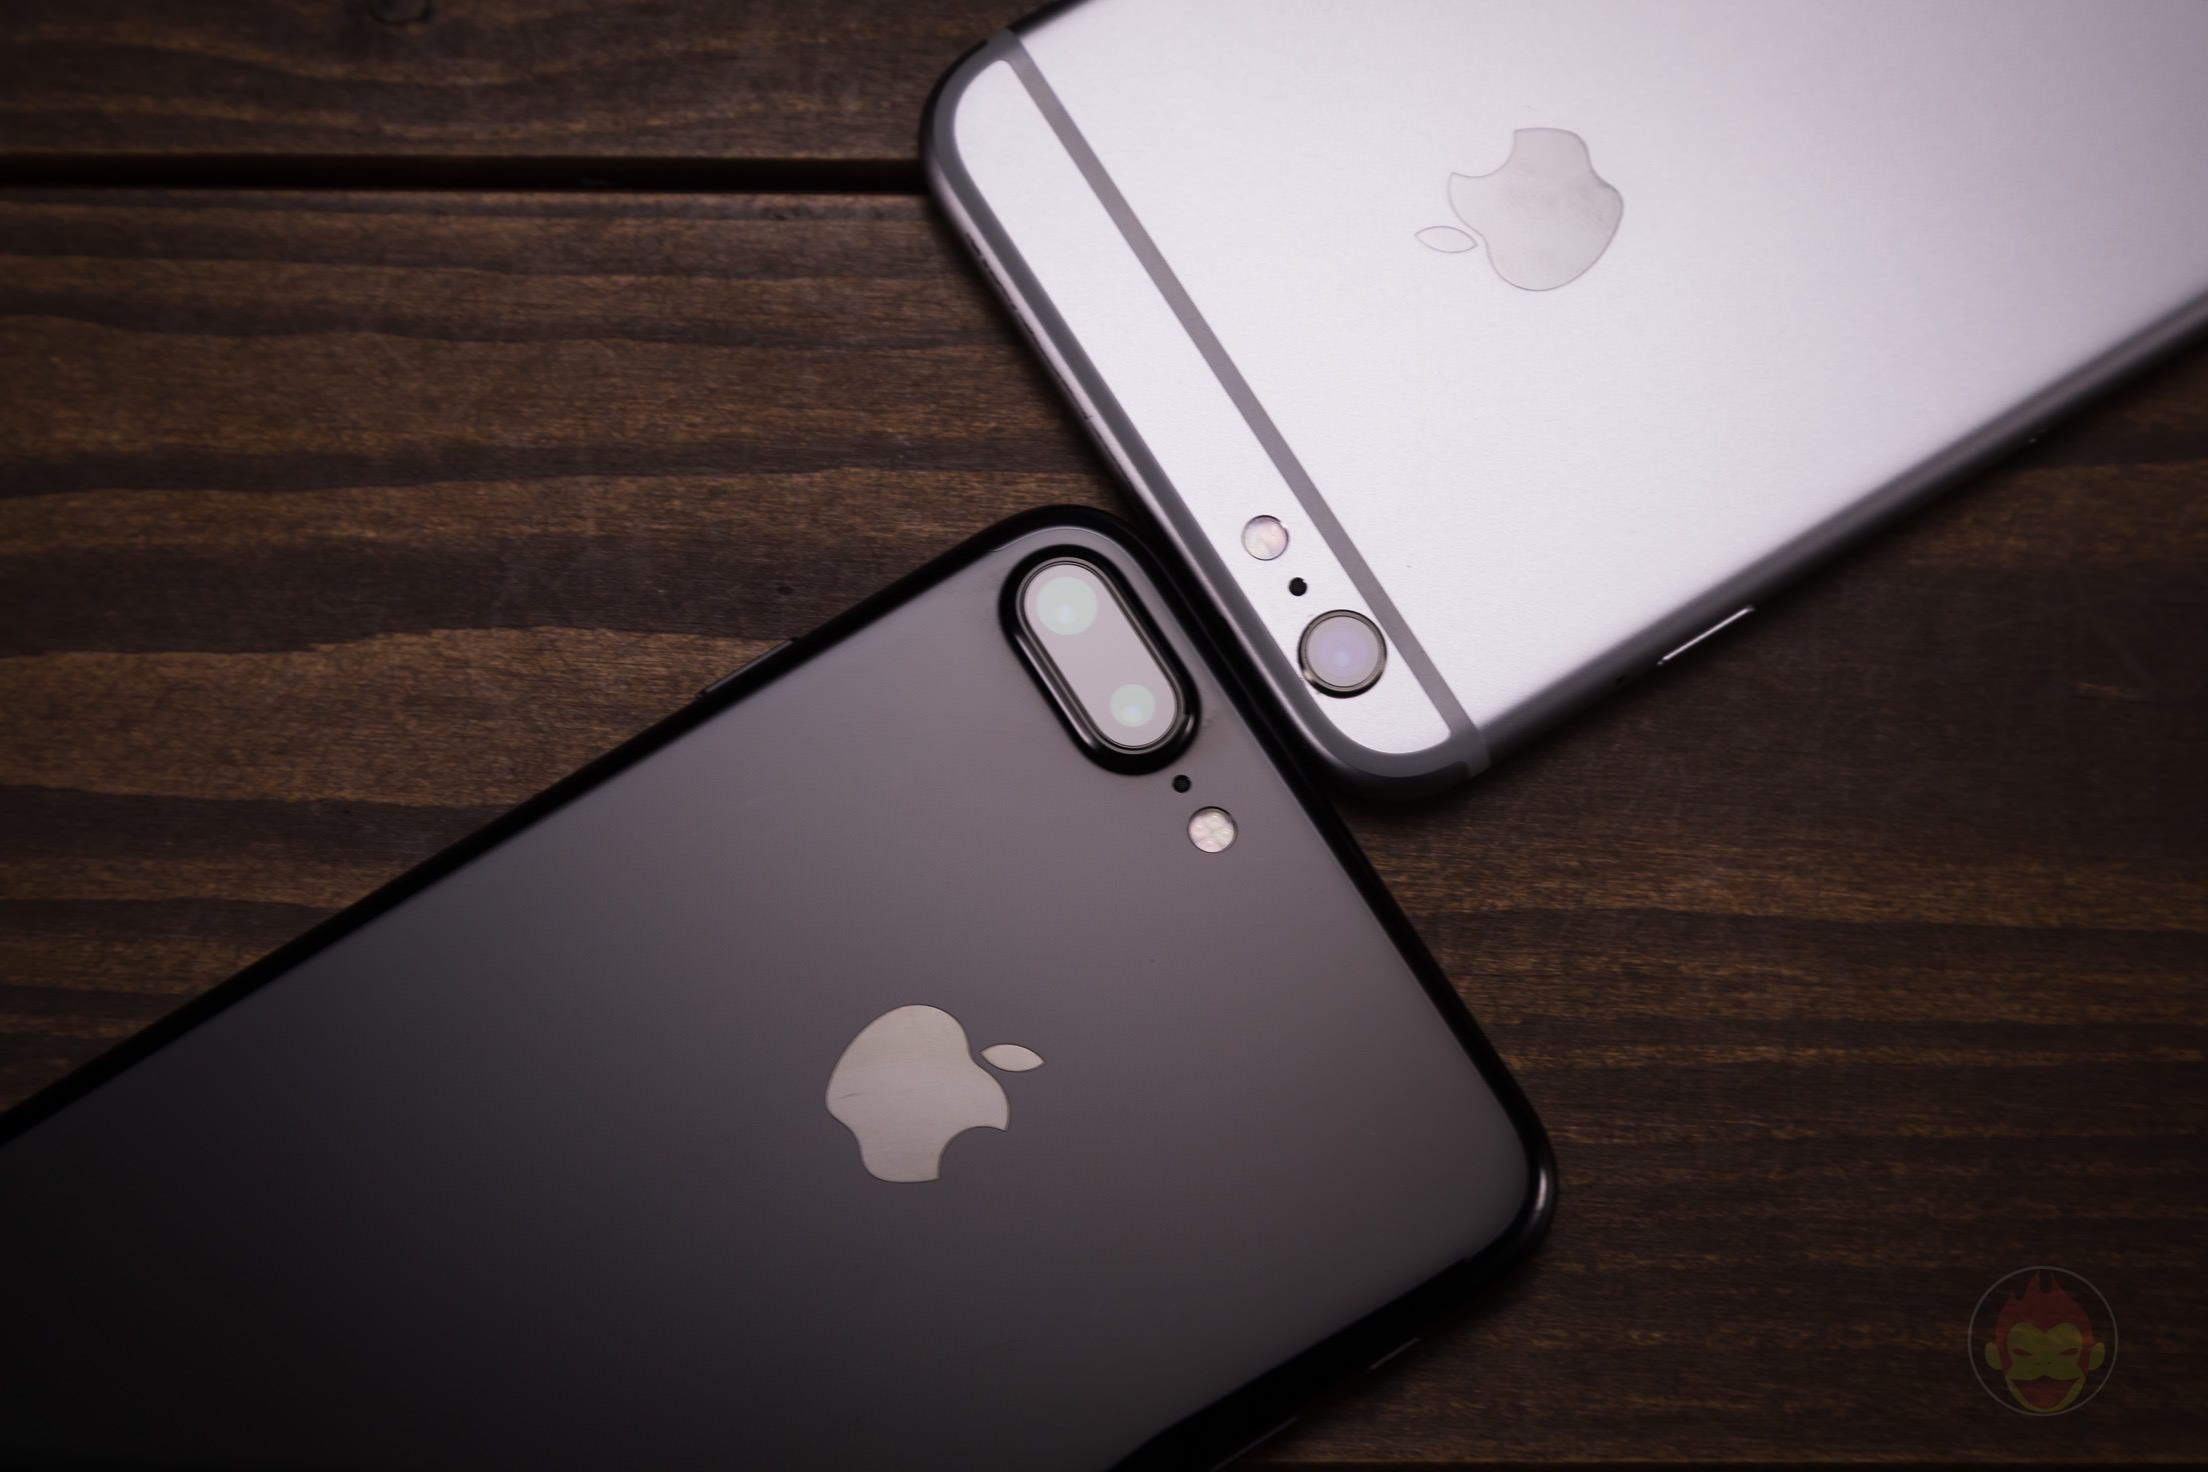 iPhone-7-Plus-6s-Plus-Comparison-03.jpg